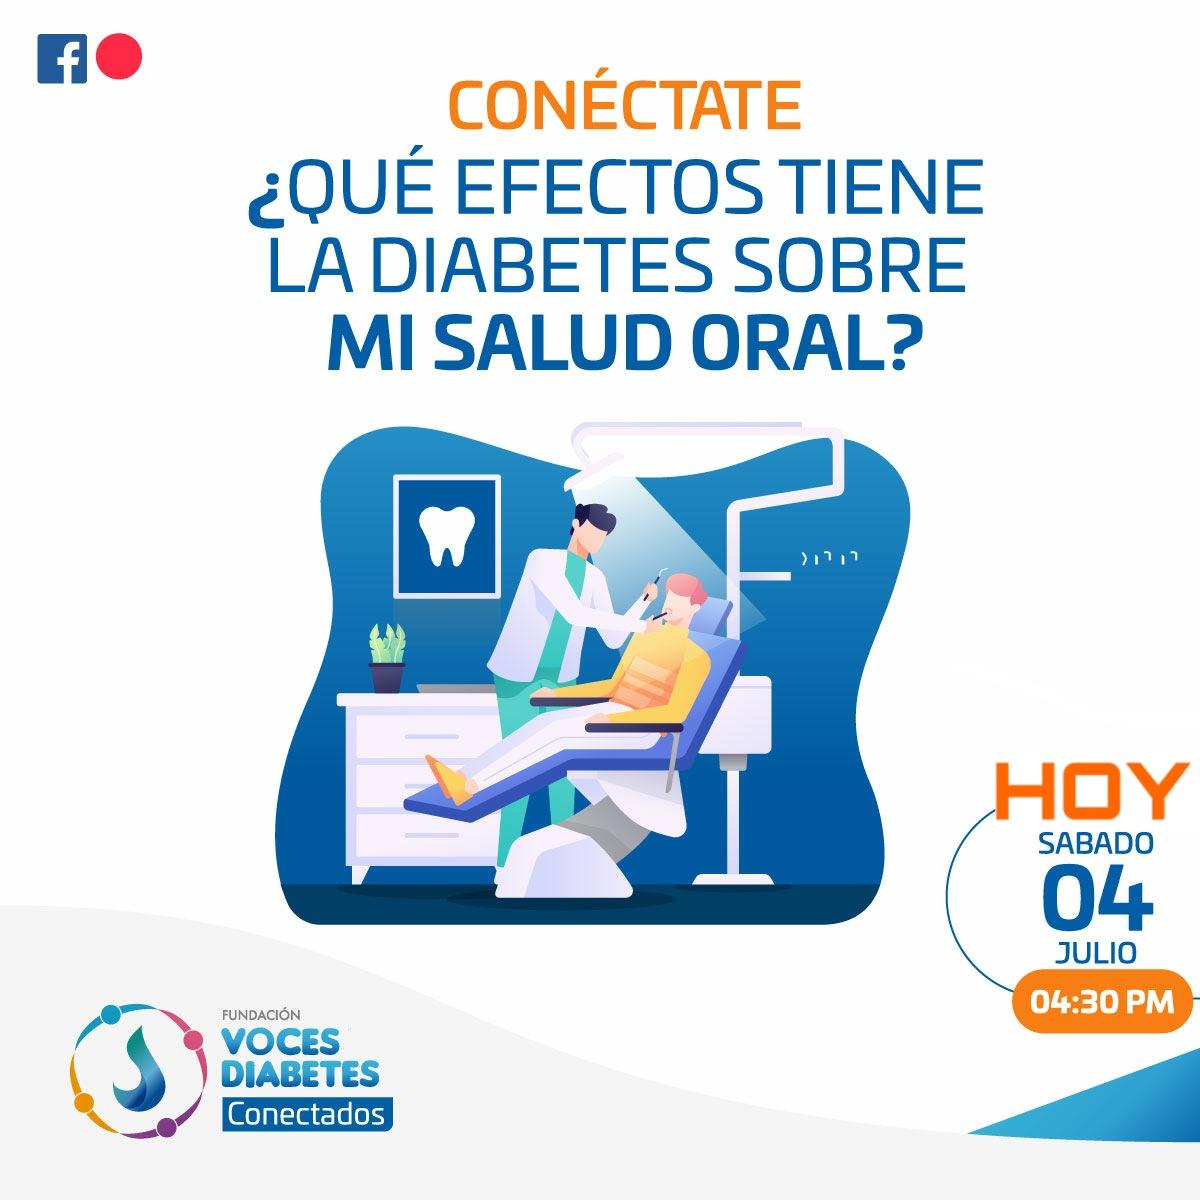 #4Julio  ¿Dudas sobre el cuidado de tus dientes y procedimientos quirúrgicos si tienes #diabetes? Hoy resolveremos tus preguntas a las 4:30 p.m. en nuestro #Conectado de Facebook Live👉 https://t.co/G3wfHaVJzR  #COVID19 https://t.co/bdqGaMQmE6